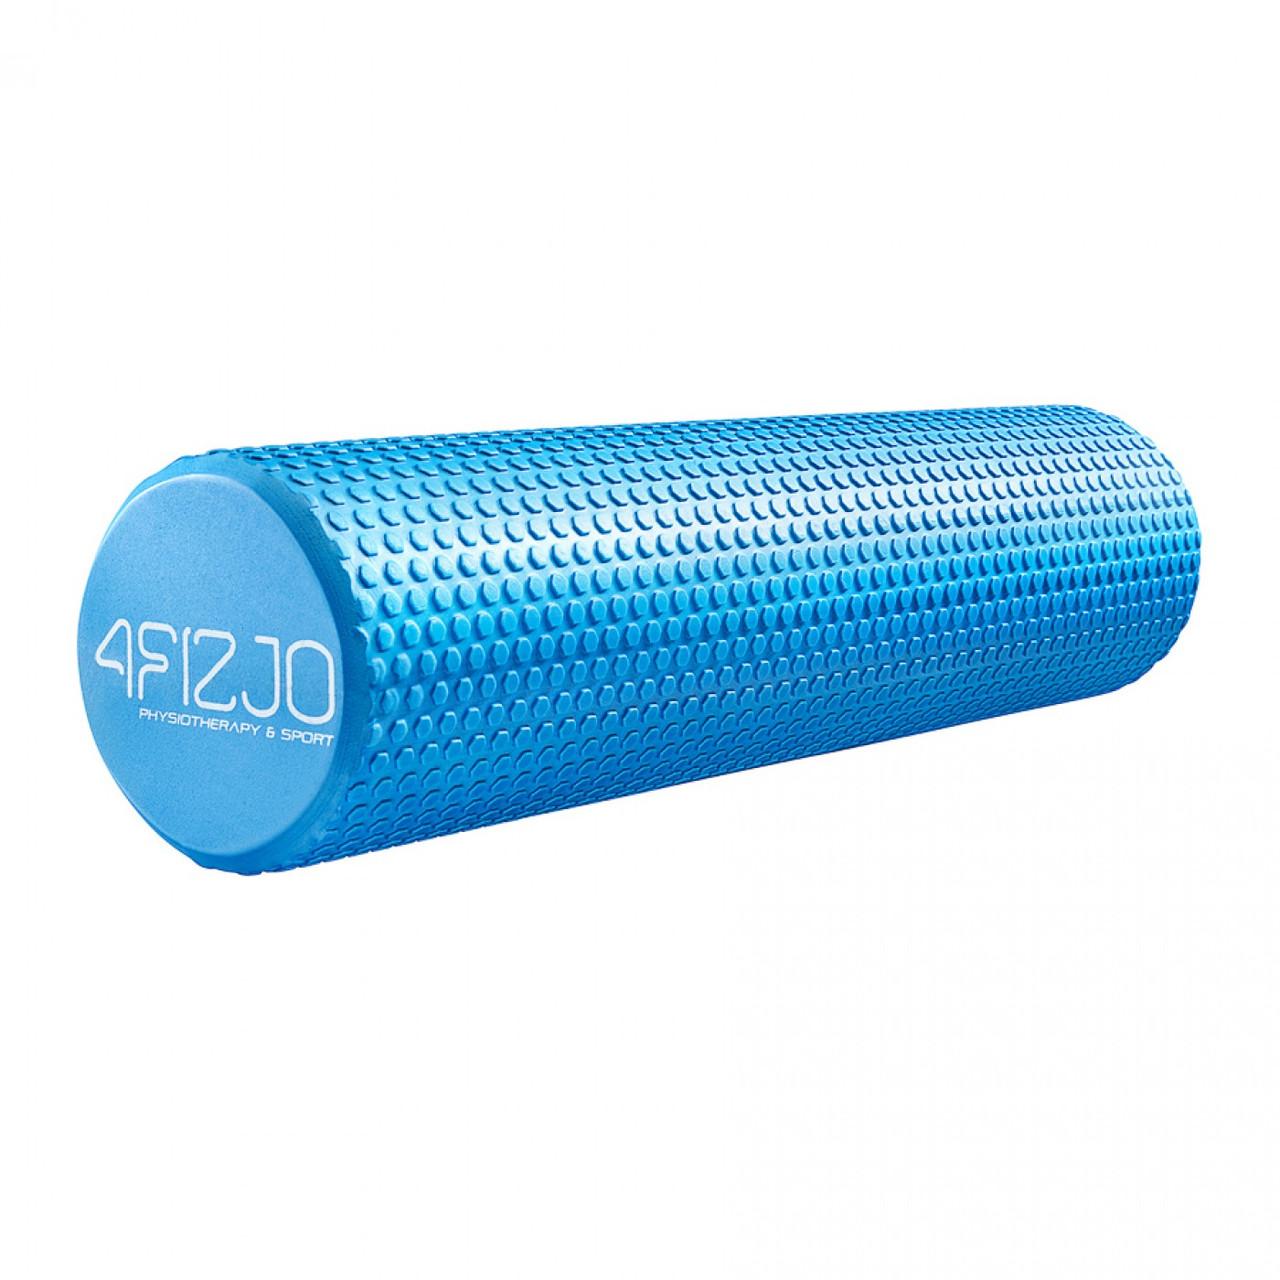 Масажний ролик (валик, роллер) 4FIZJO EVA 60 x 15 см 4FJ0118 Blue